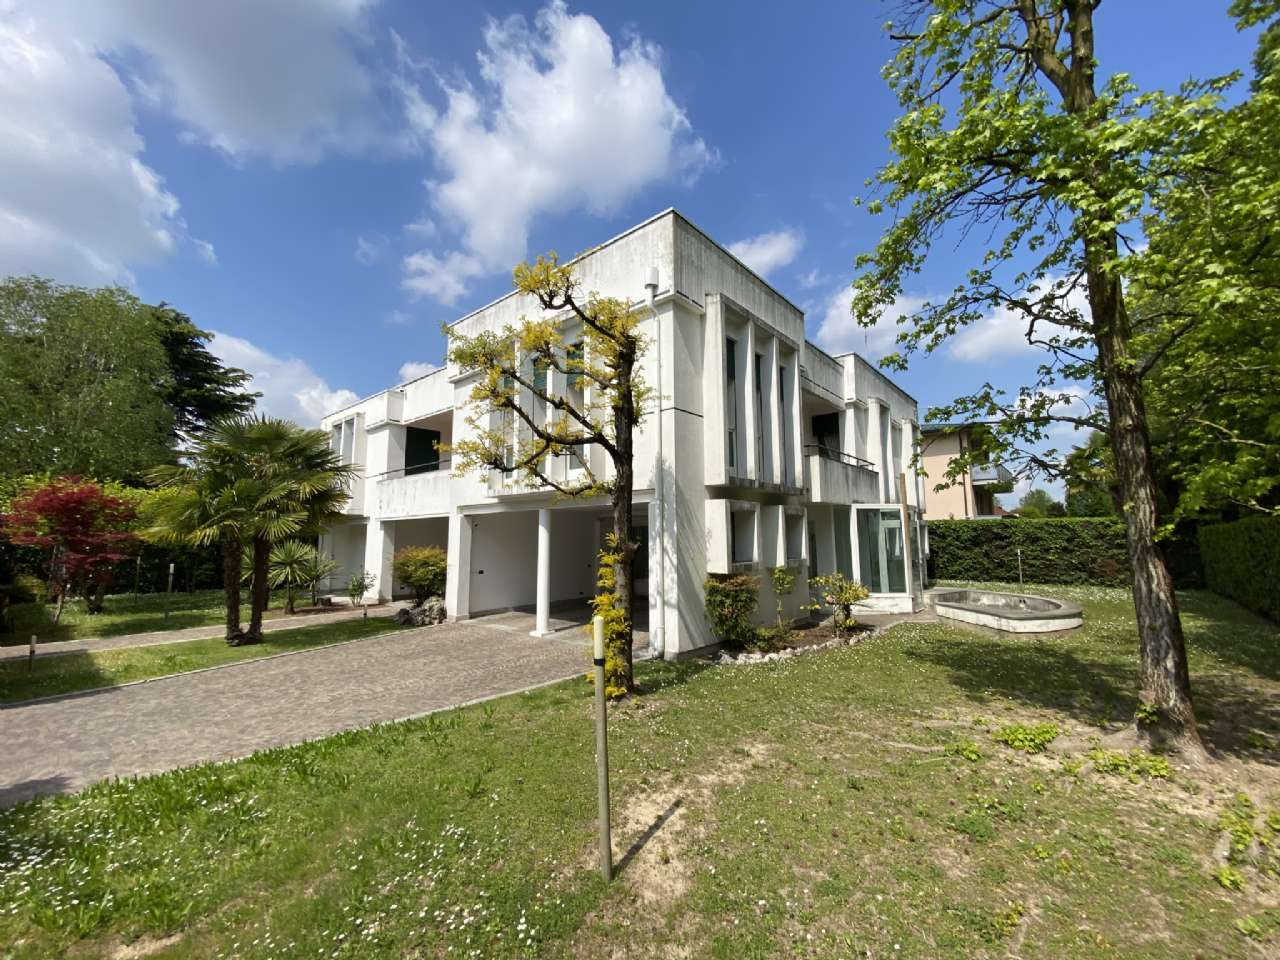 Villa, Via Genova, Tencarola-quartiere Danovi, Selvazzano dentro, foto 0